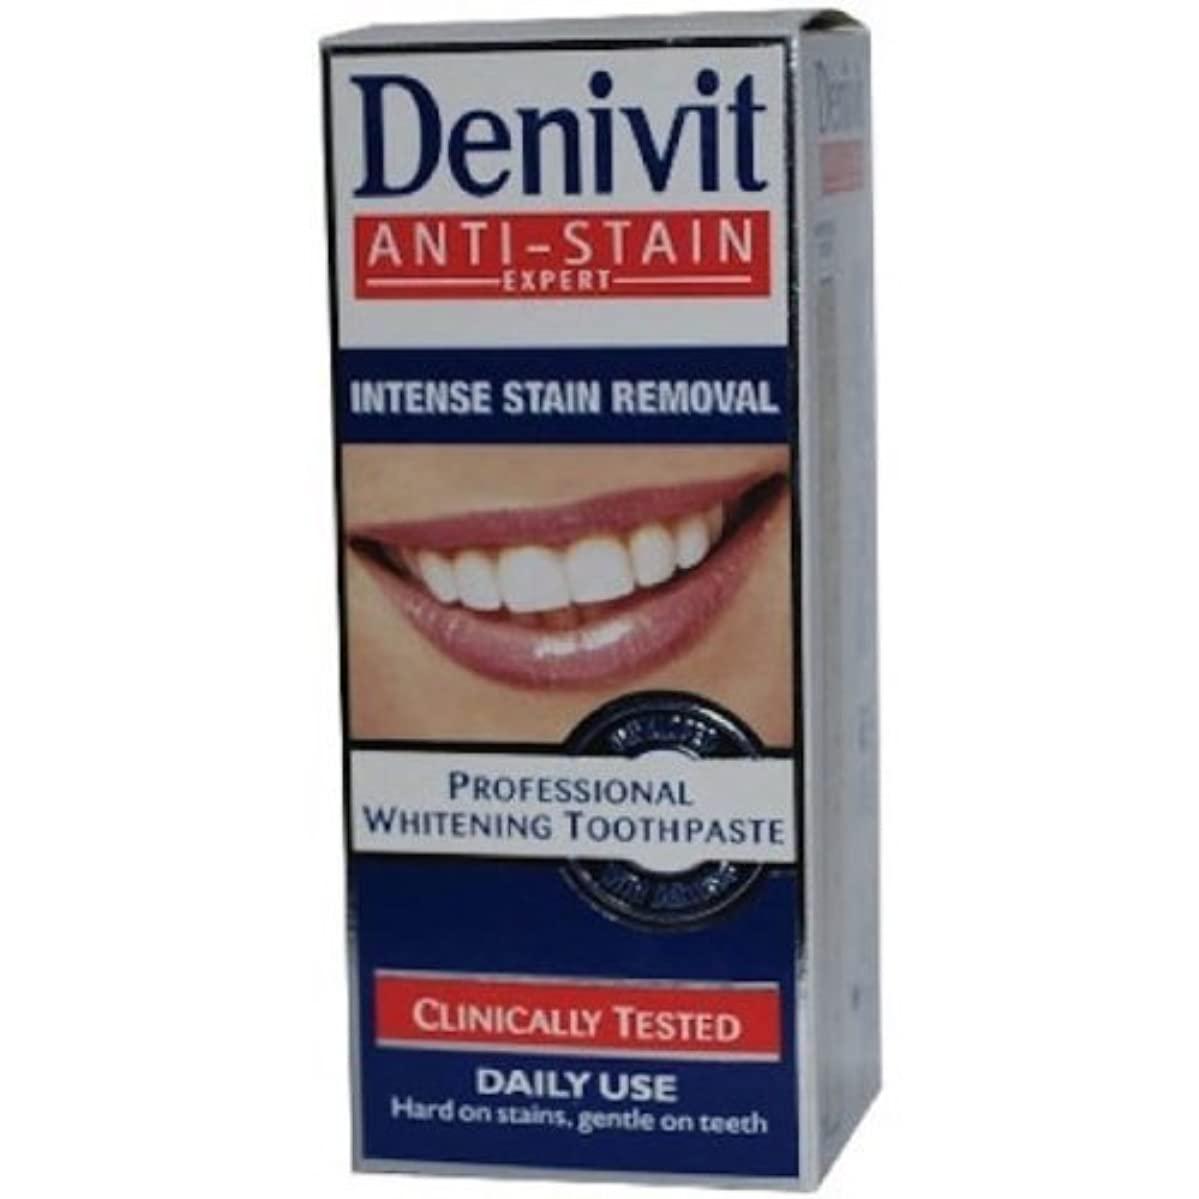 ハードウェア申し立てられた確認するDenivit Professional Whitening Toothpaste - 50Ml - Pack Of 2 by Denivit